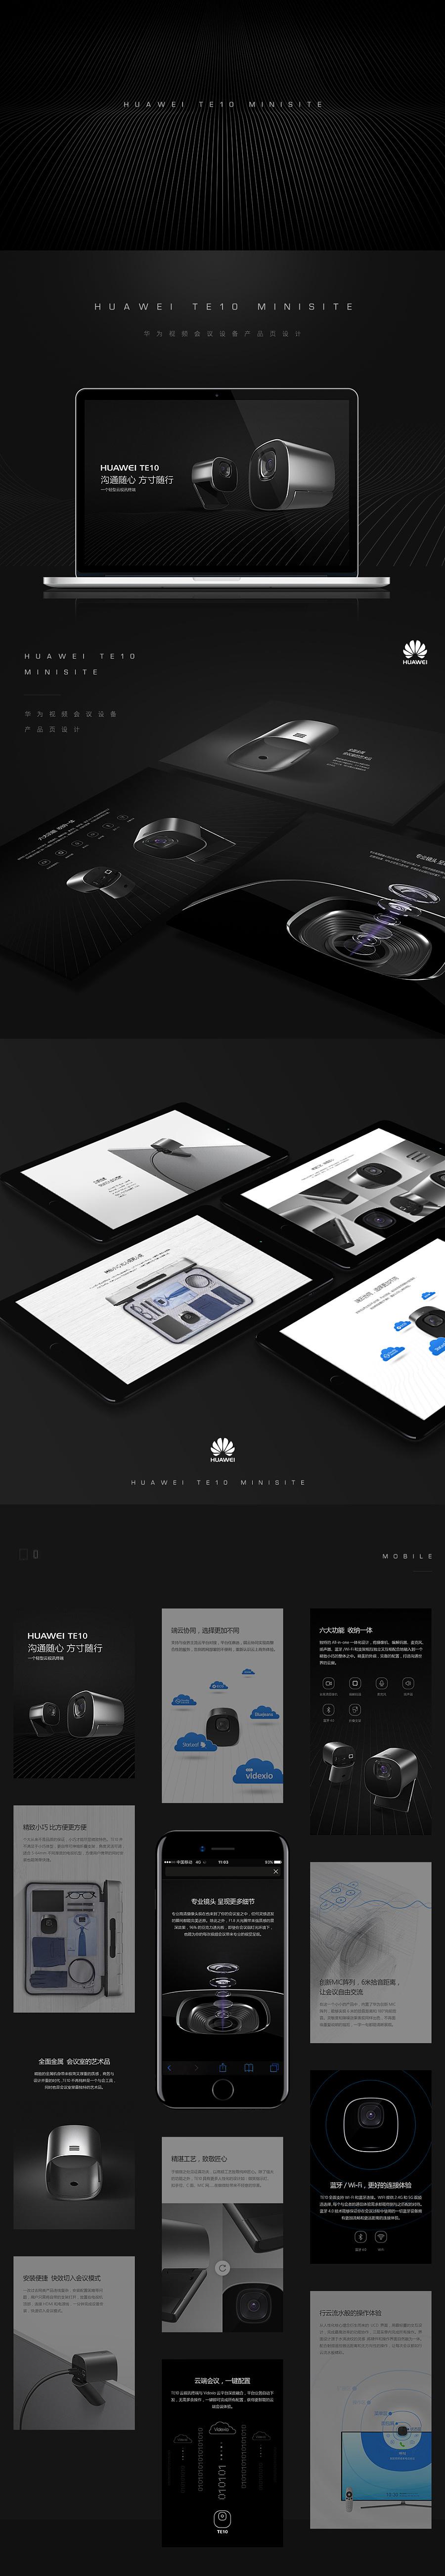 查看《华为视讯设备产品页》原图,原图尺寸:990x5729